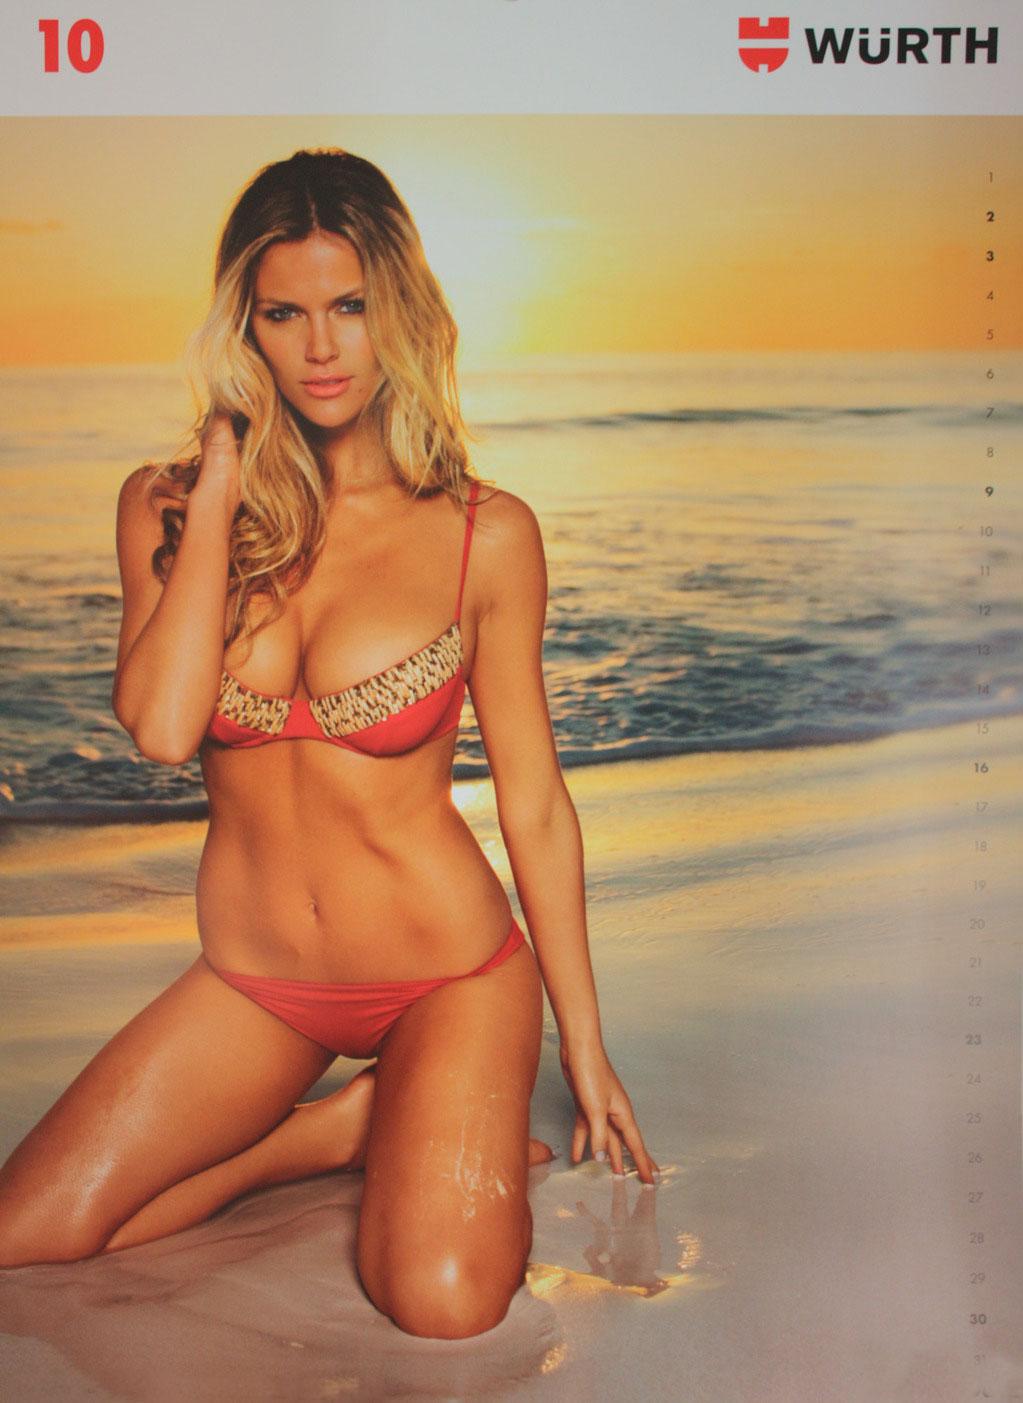 Wurth+Calendar+Girls+2010 Models Inspiration: Brooklyn Decker (Wurth ...